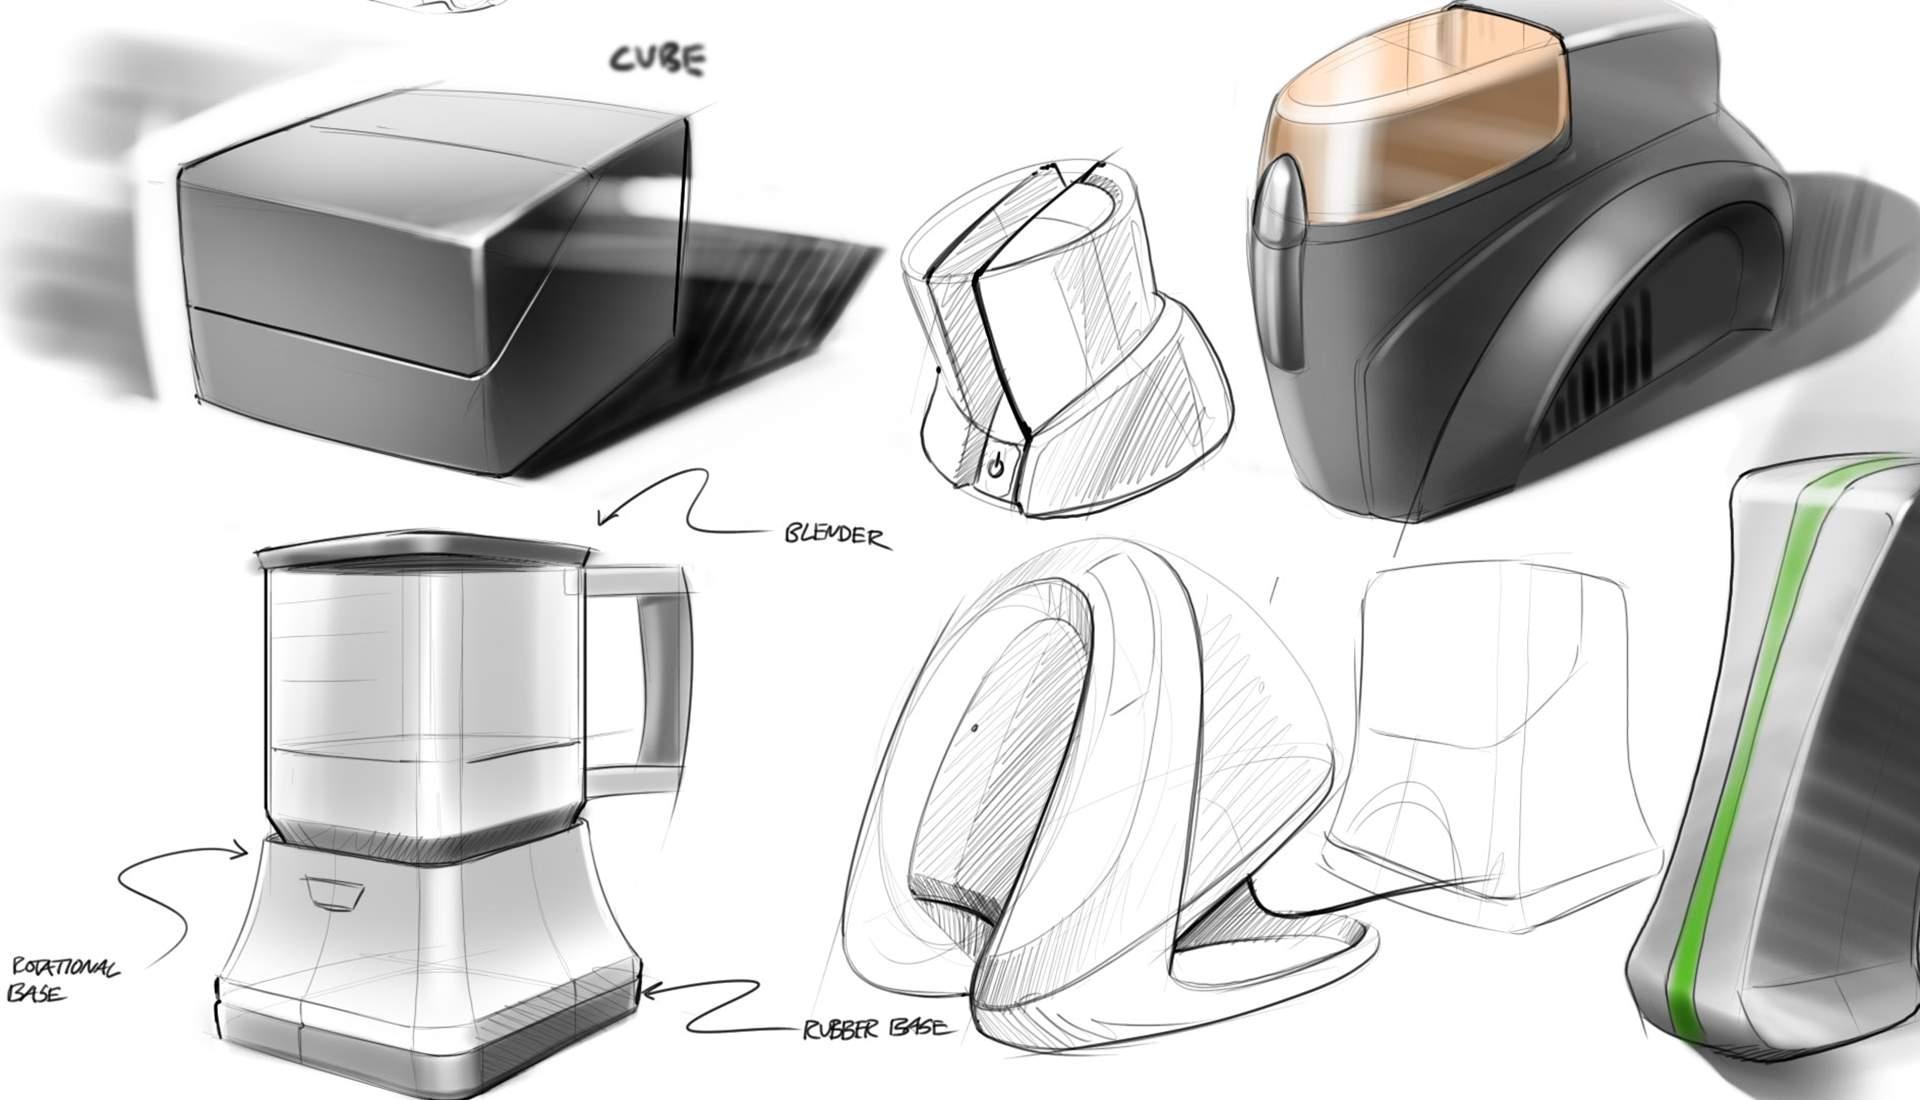 prototype development-feature_image